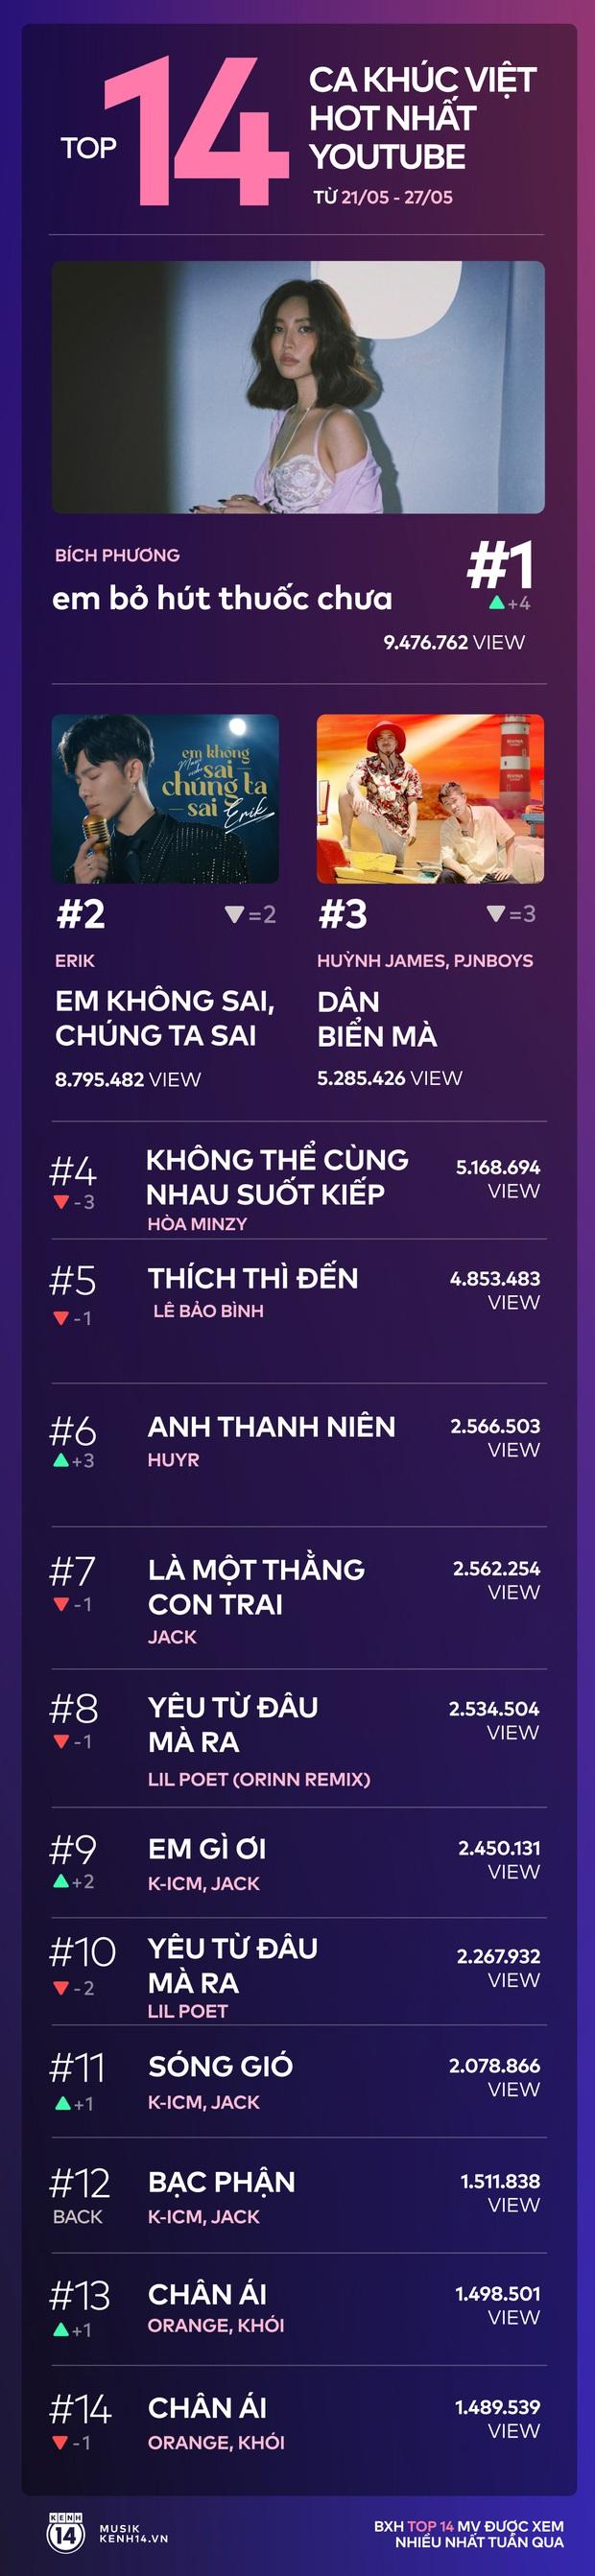 14 ca khúc Việt hot nhất Youtube tuần qua: Bích Phương cướp ngôi vương của Hòa Minzy, Erik bám trụ vững chắc, riêng Jack chiếm đến 4 vị trí - Ảnh 15.